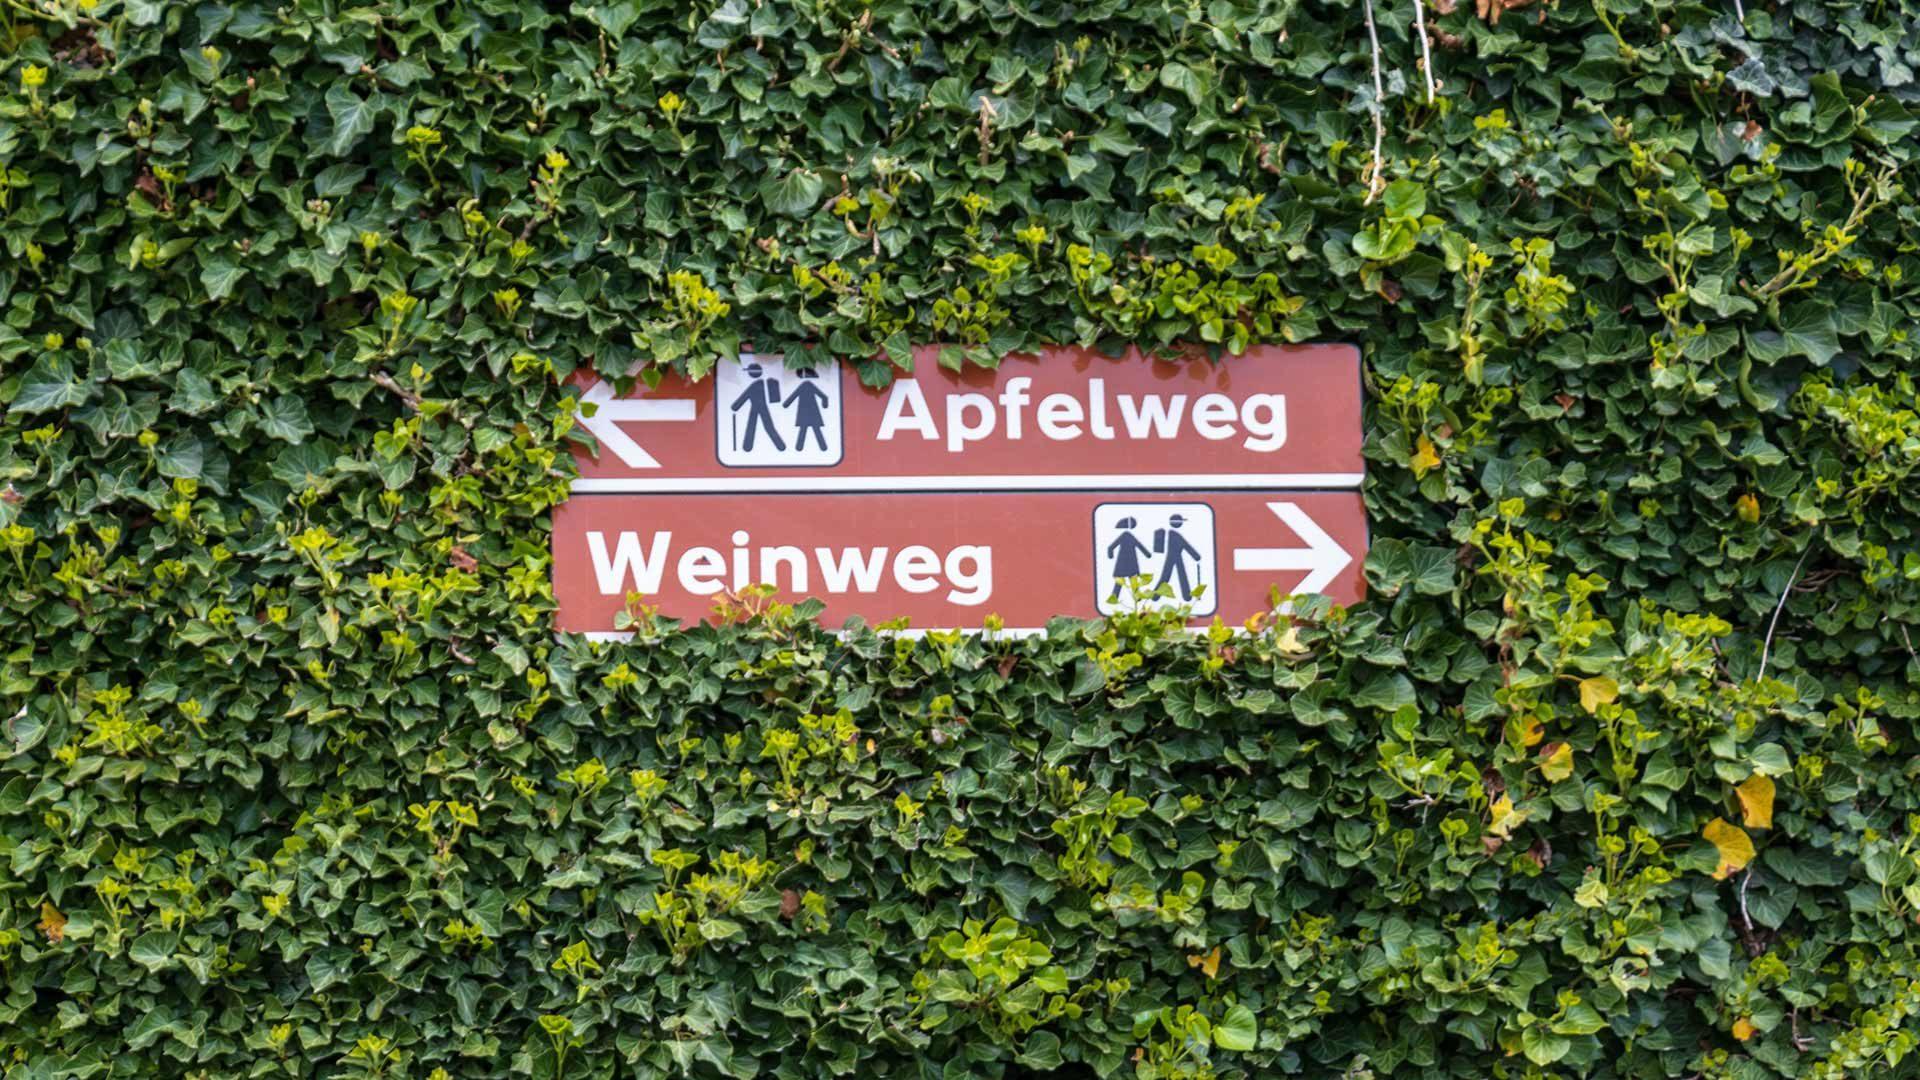 Der Apfelweg